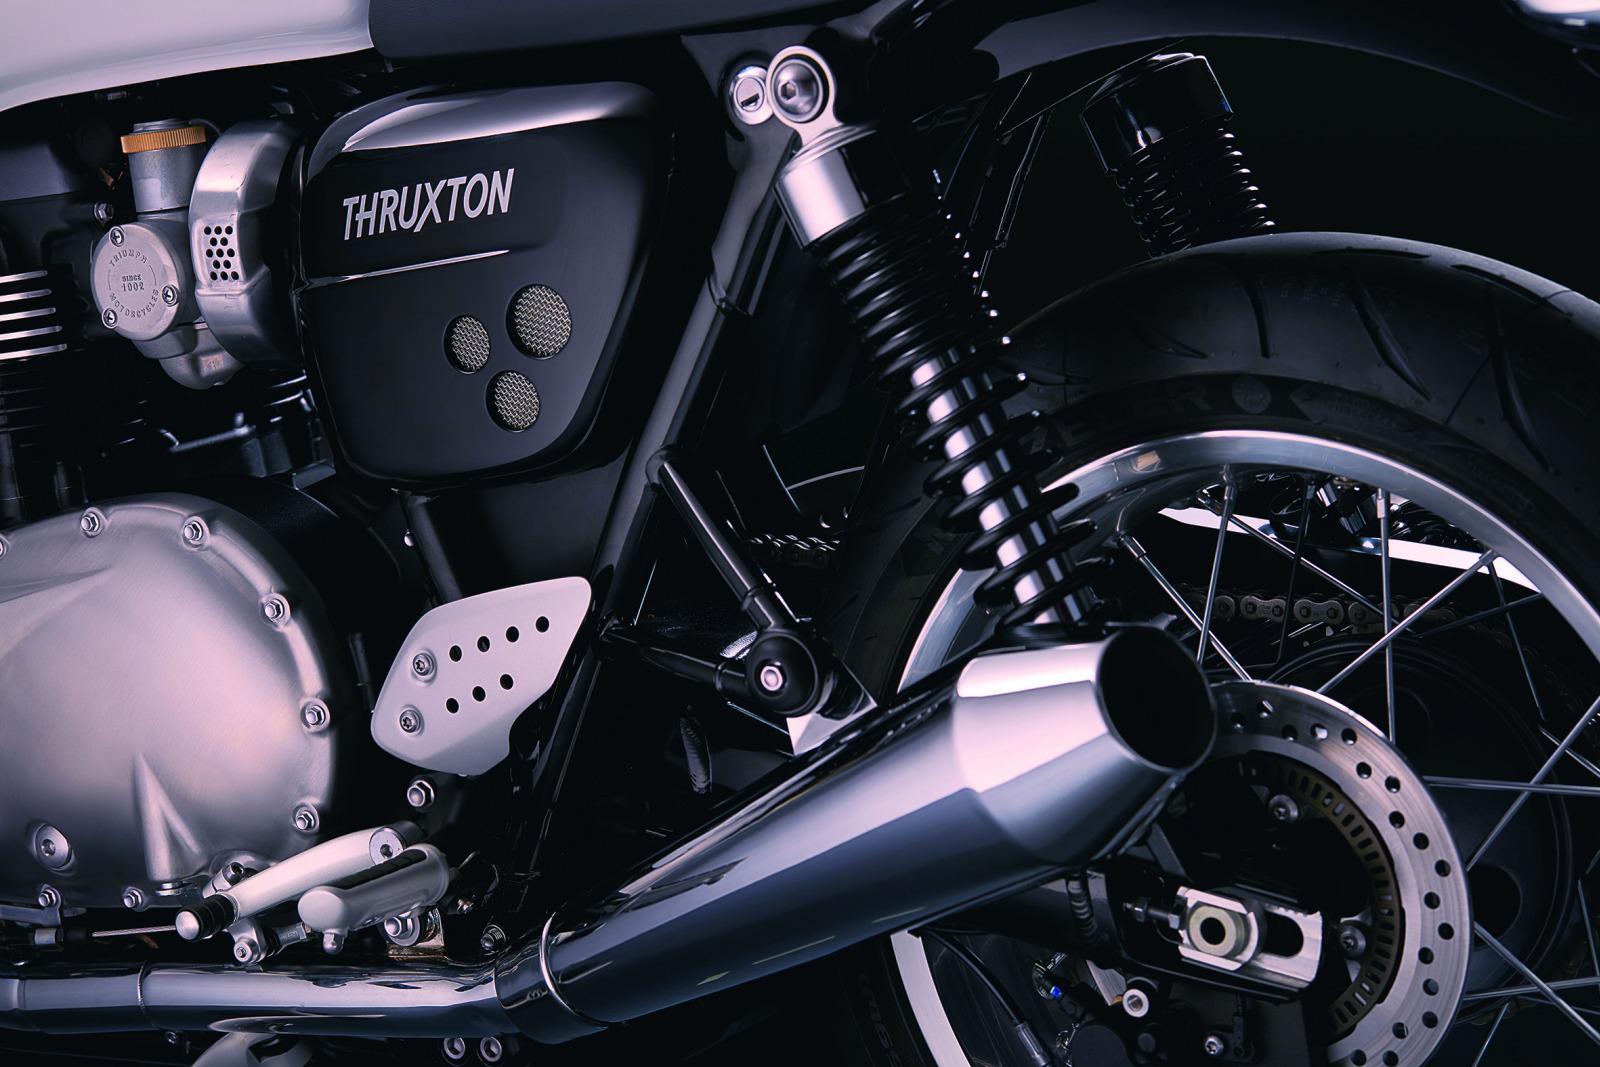 triumph thruxton und thruxton r 2016 motorrad fotos motorrad bilder. Black Bedroom Furniture Sets. Home Design Ideas